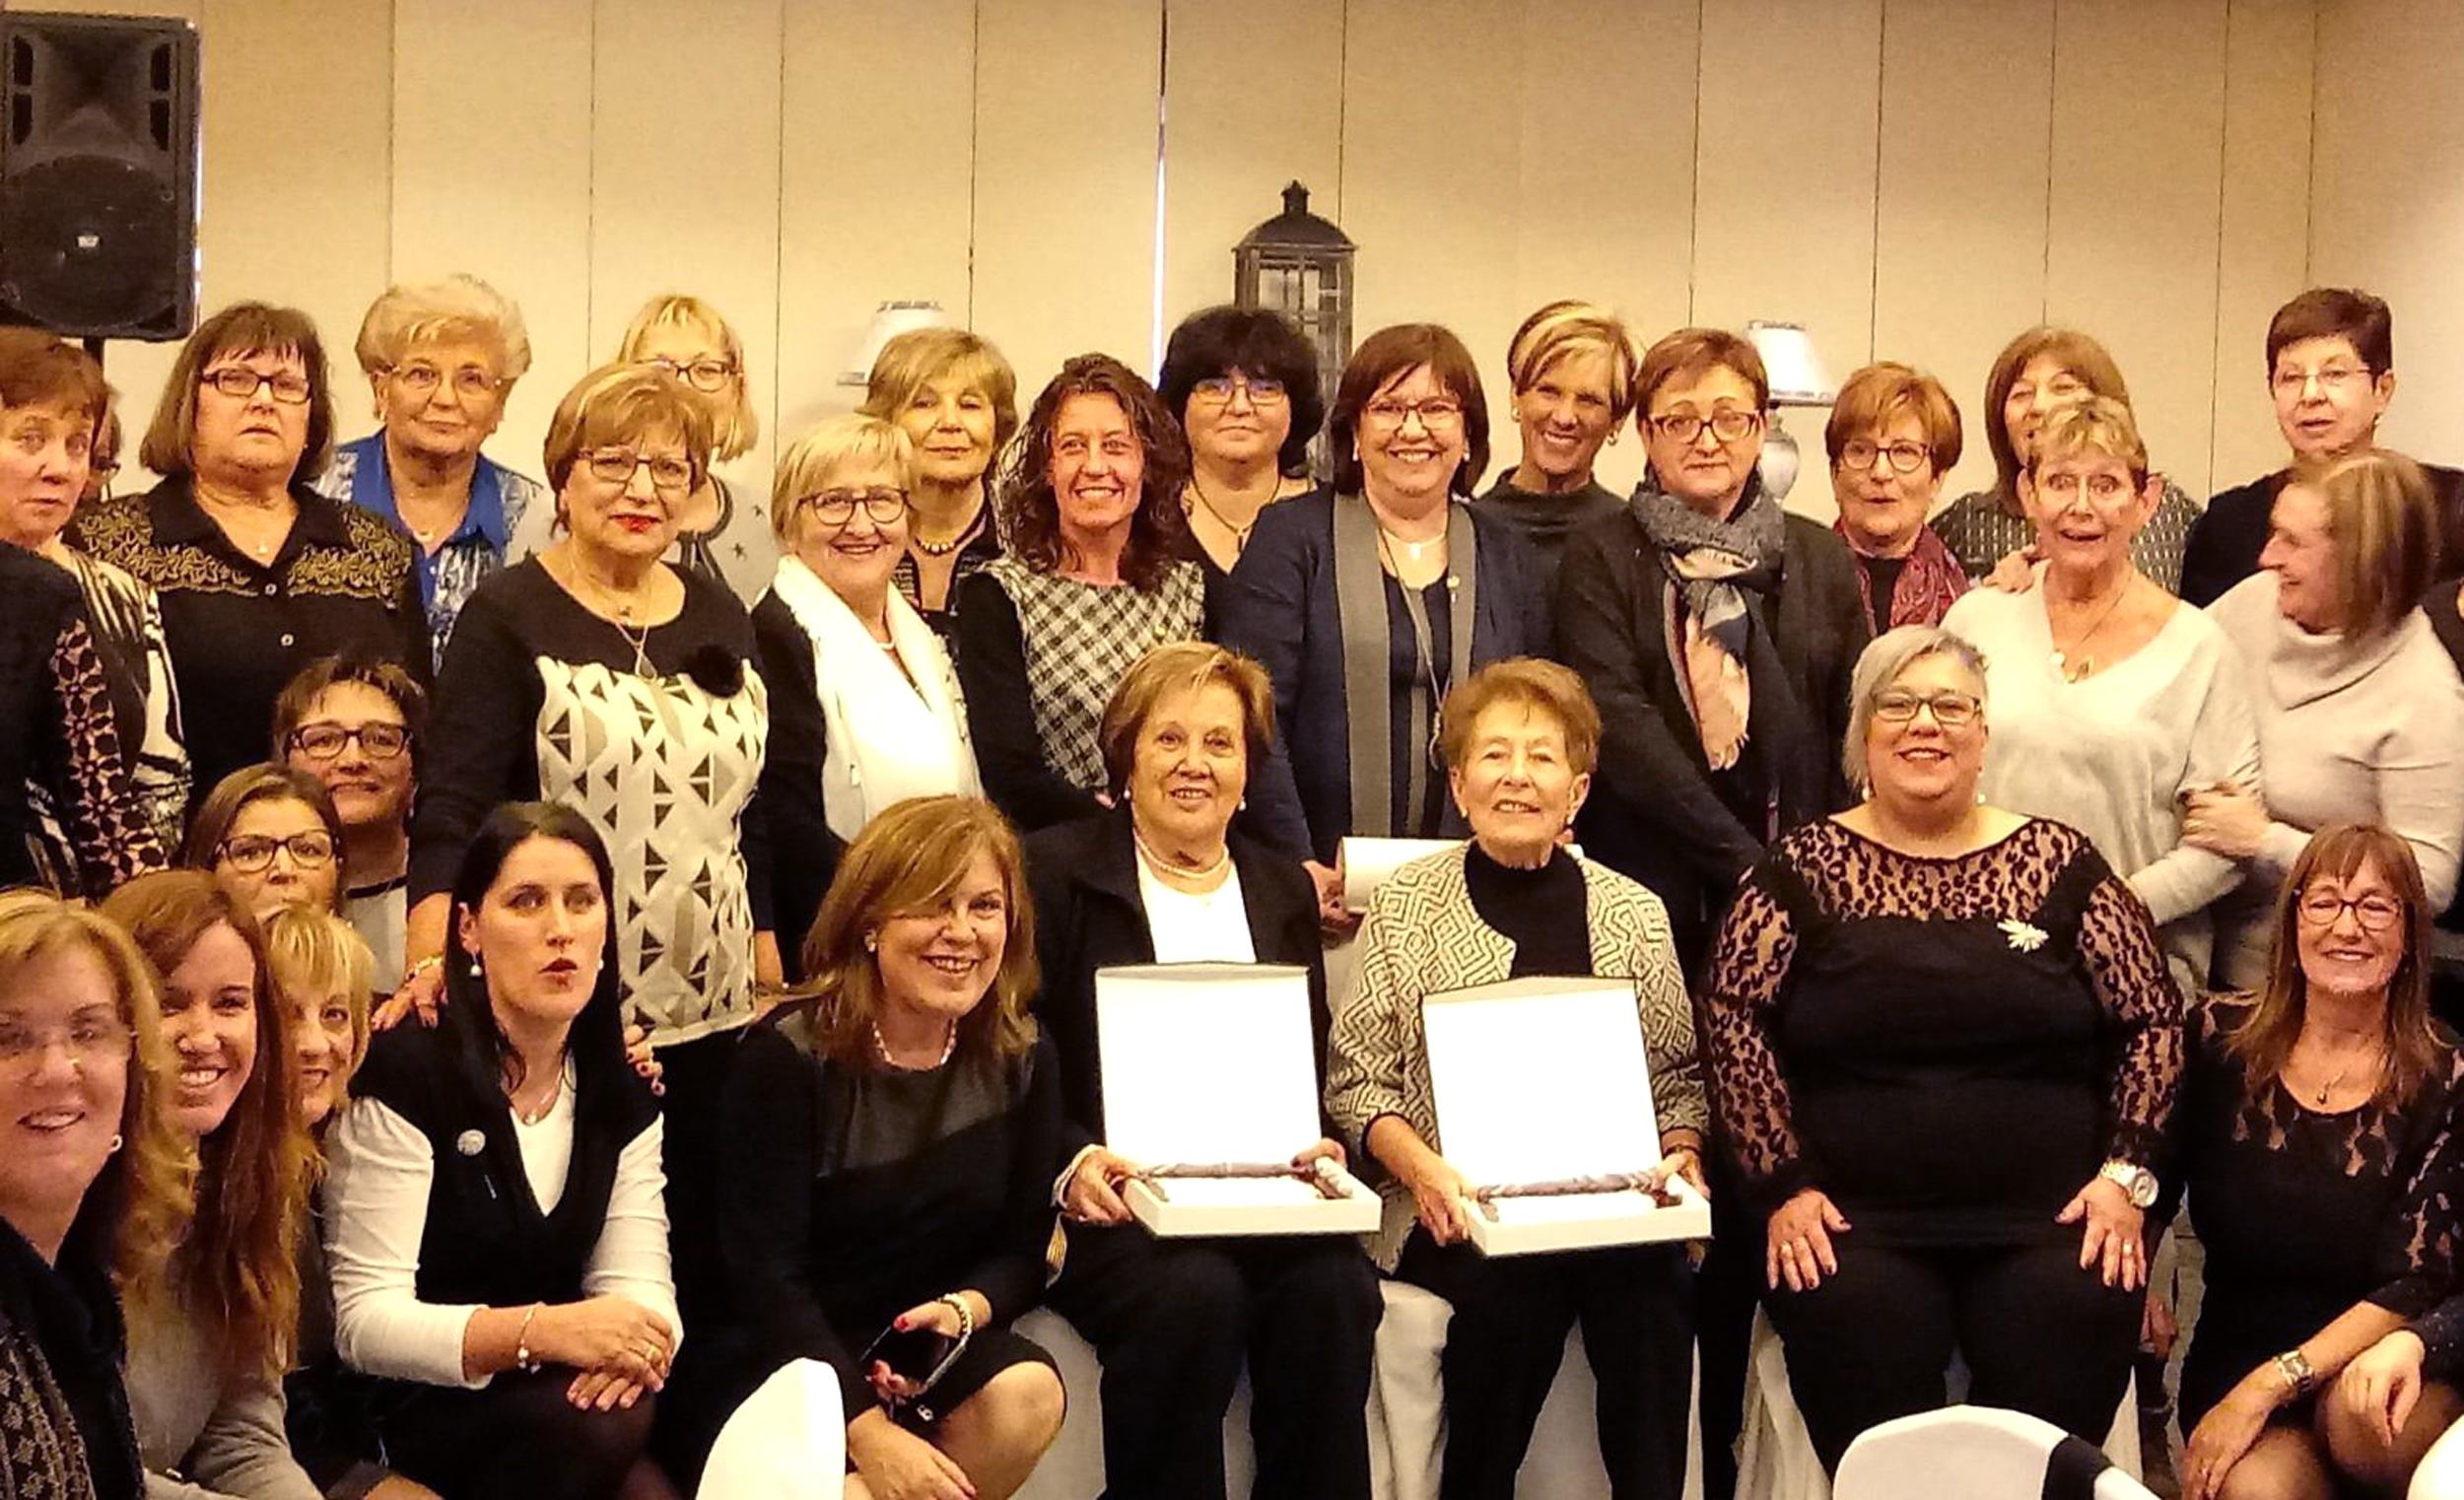 L'Associació de Dones Arrel de Tàrrega celebra el seu 25è aniversari coincidint amb la festivitat de la patrona Santa Àgueda